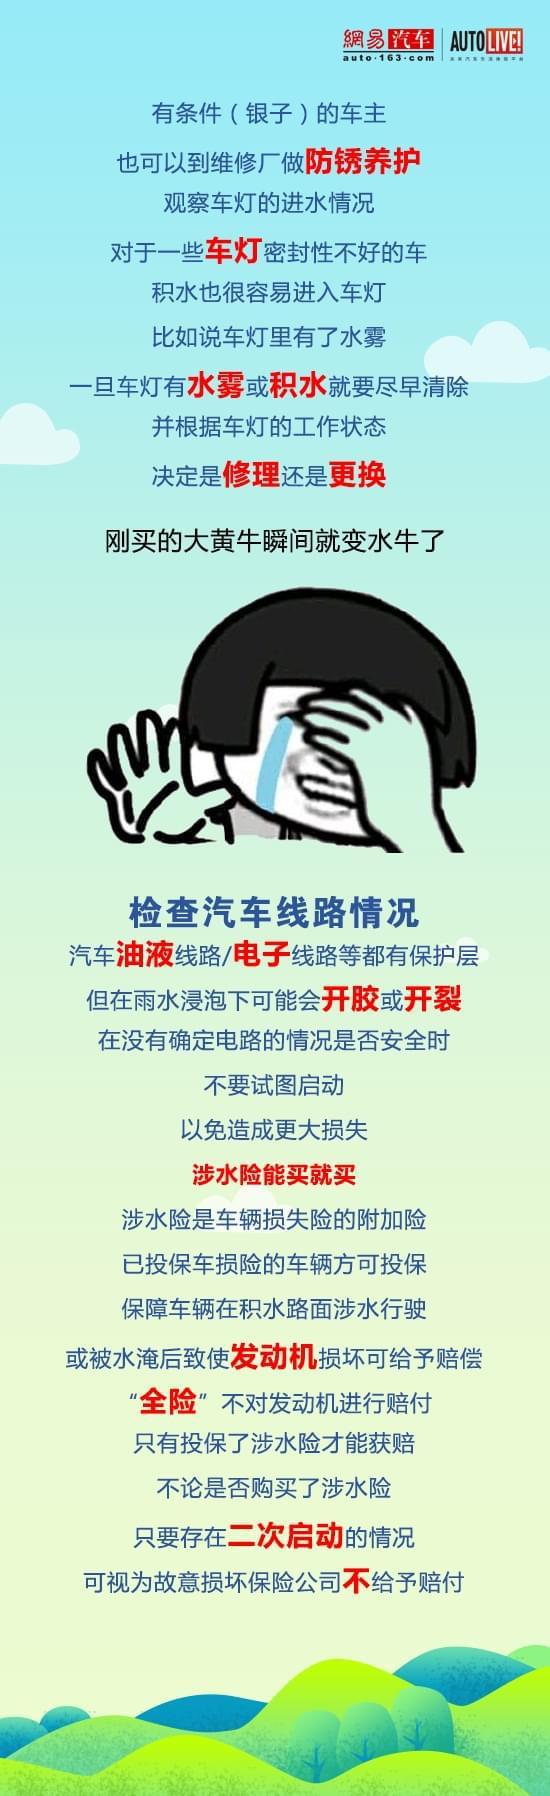 广州特大暴雨袭城:珠宝被冲走 豪车被泡水